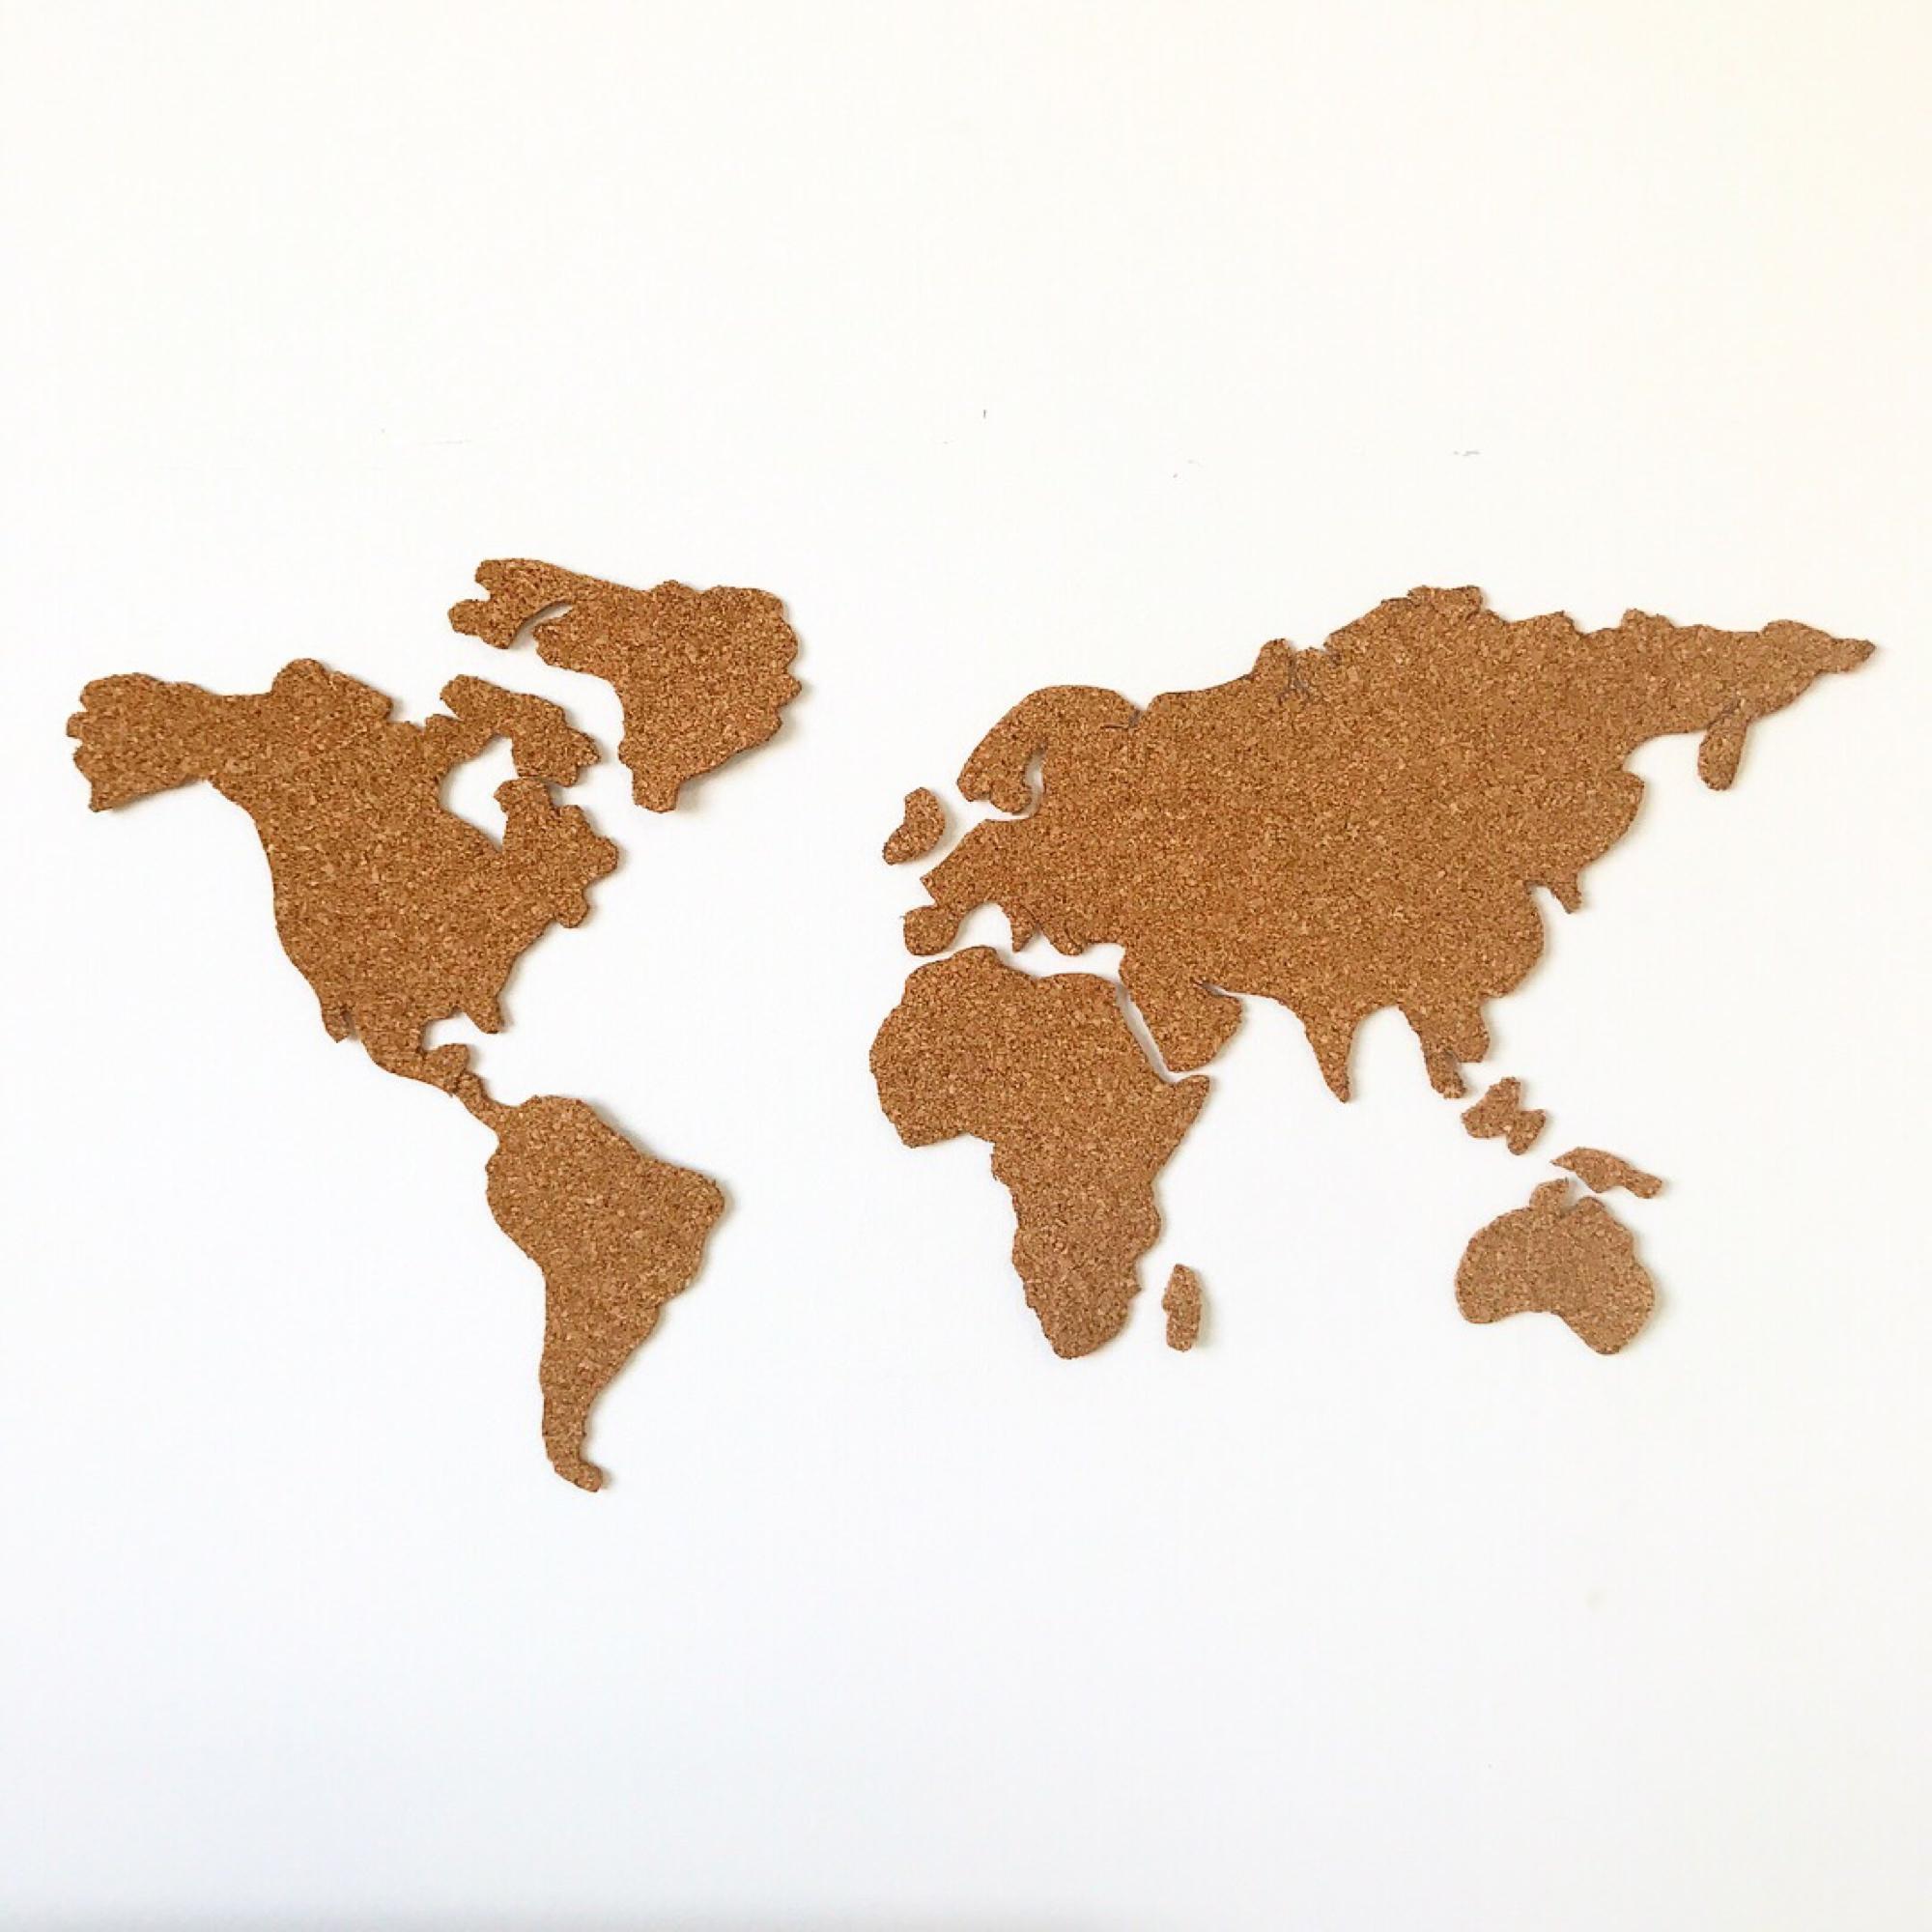 mapa mundi cortiça Mapa mundi Cortiça no Elo7   Wood Art Bhz (A5DD6E) mapa mundi cortiça